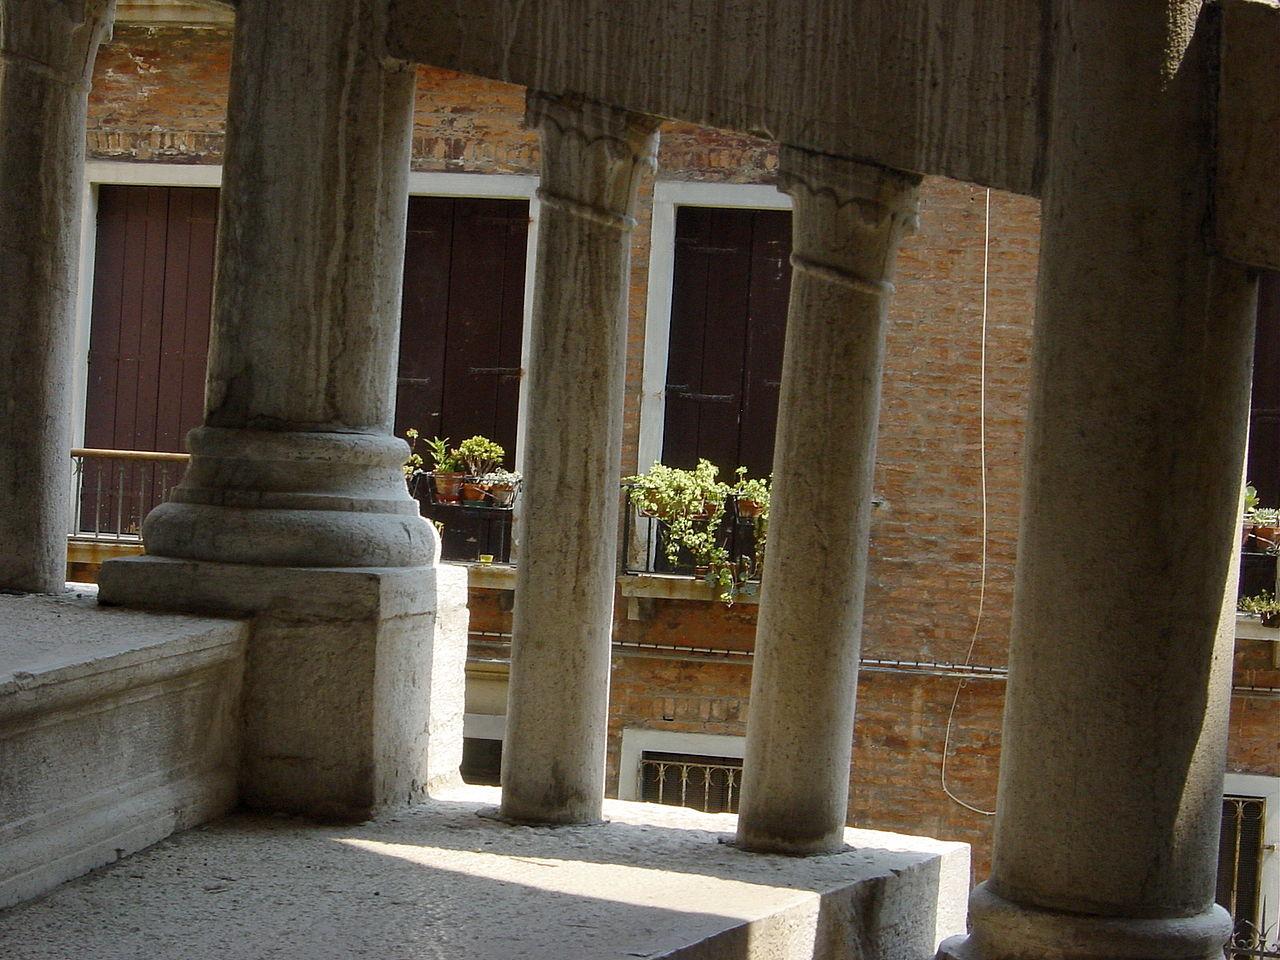 Палаццо Контарини дель Боволо, фрагмент спиральной лестницы